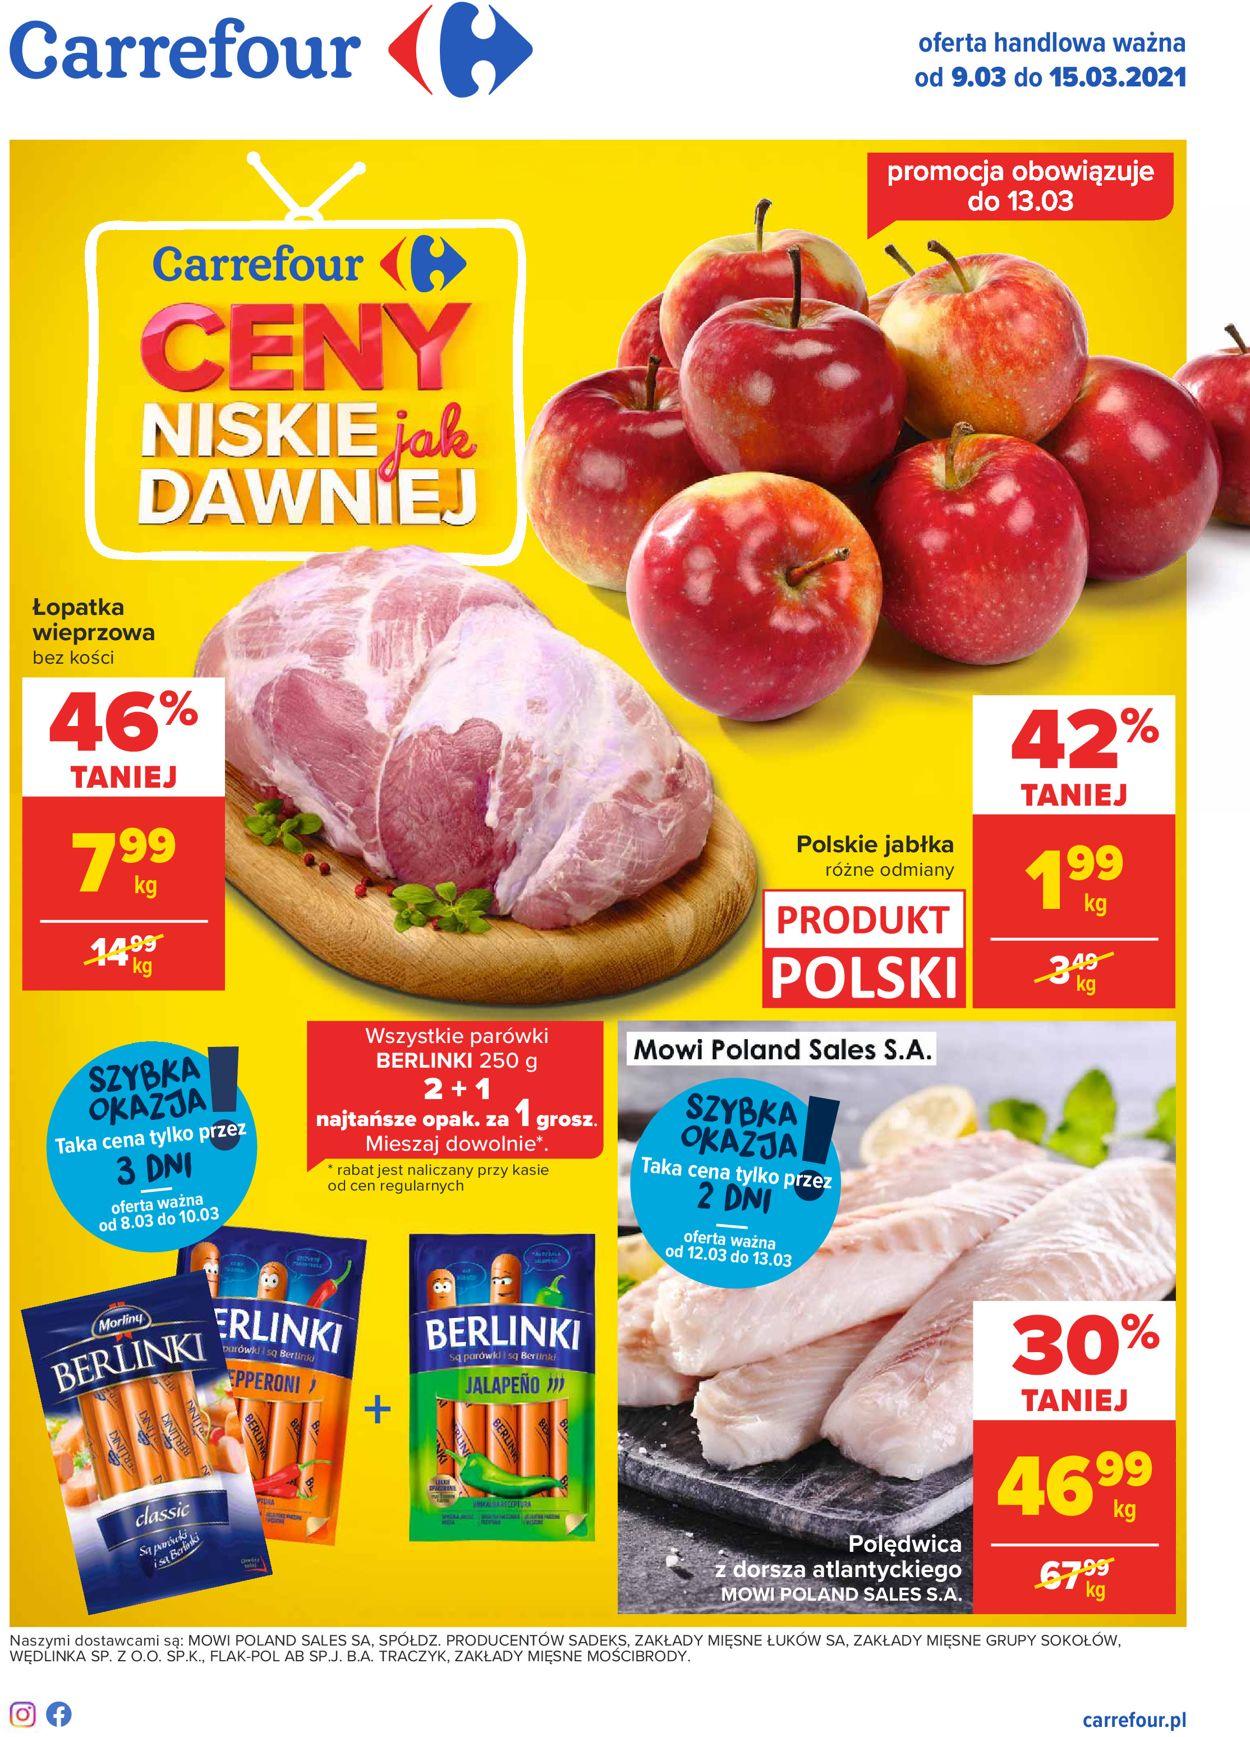 Gazetka promocyjna Carrefour - 09.03-15.03.2021